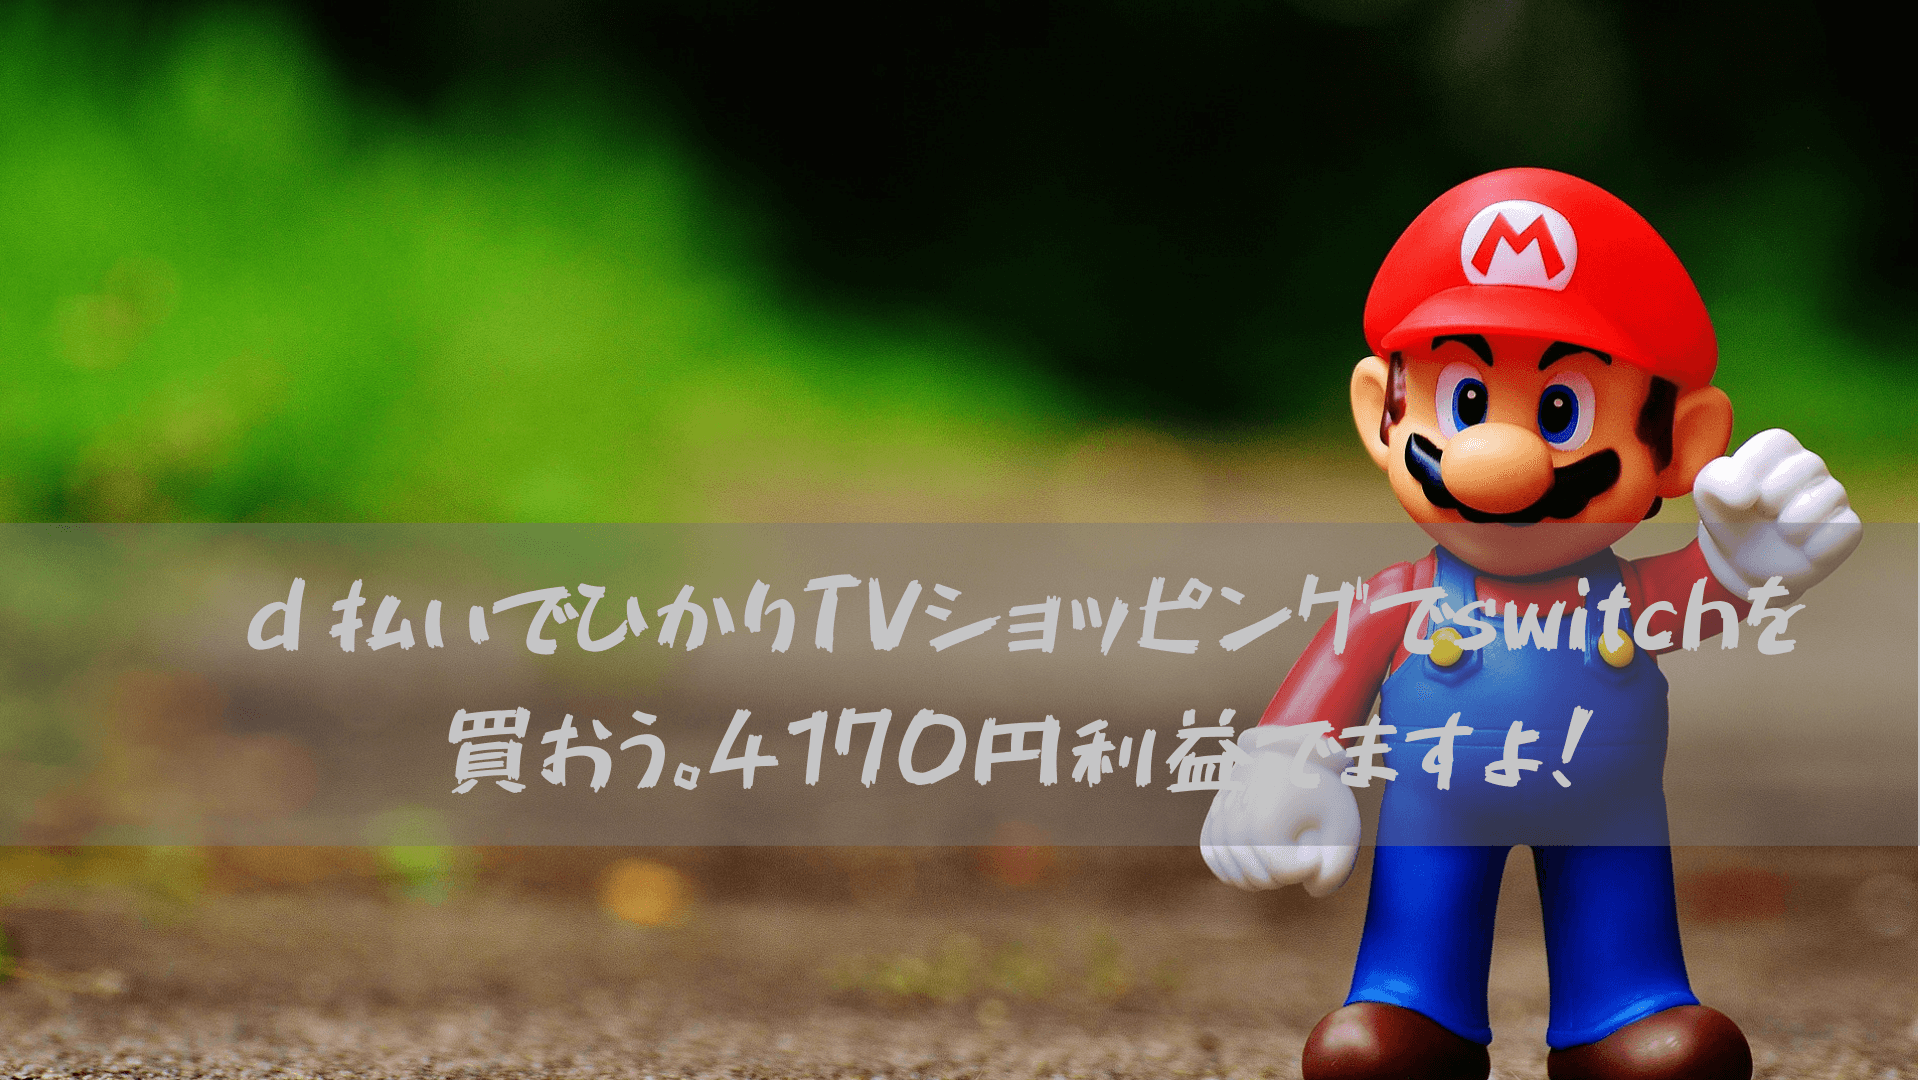 d払いでひかりTVショッピングでswitchを買おう。4170円利益でますよ!